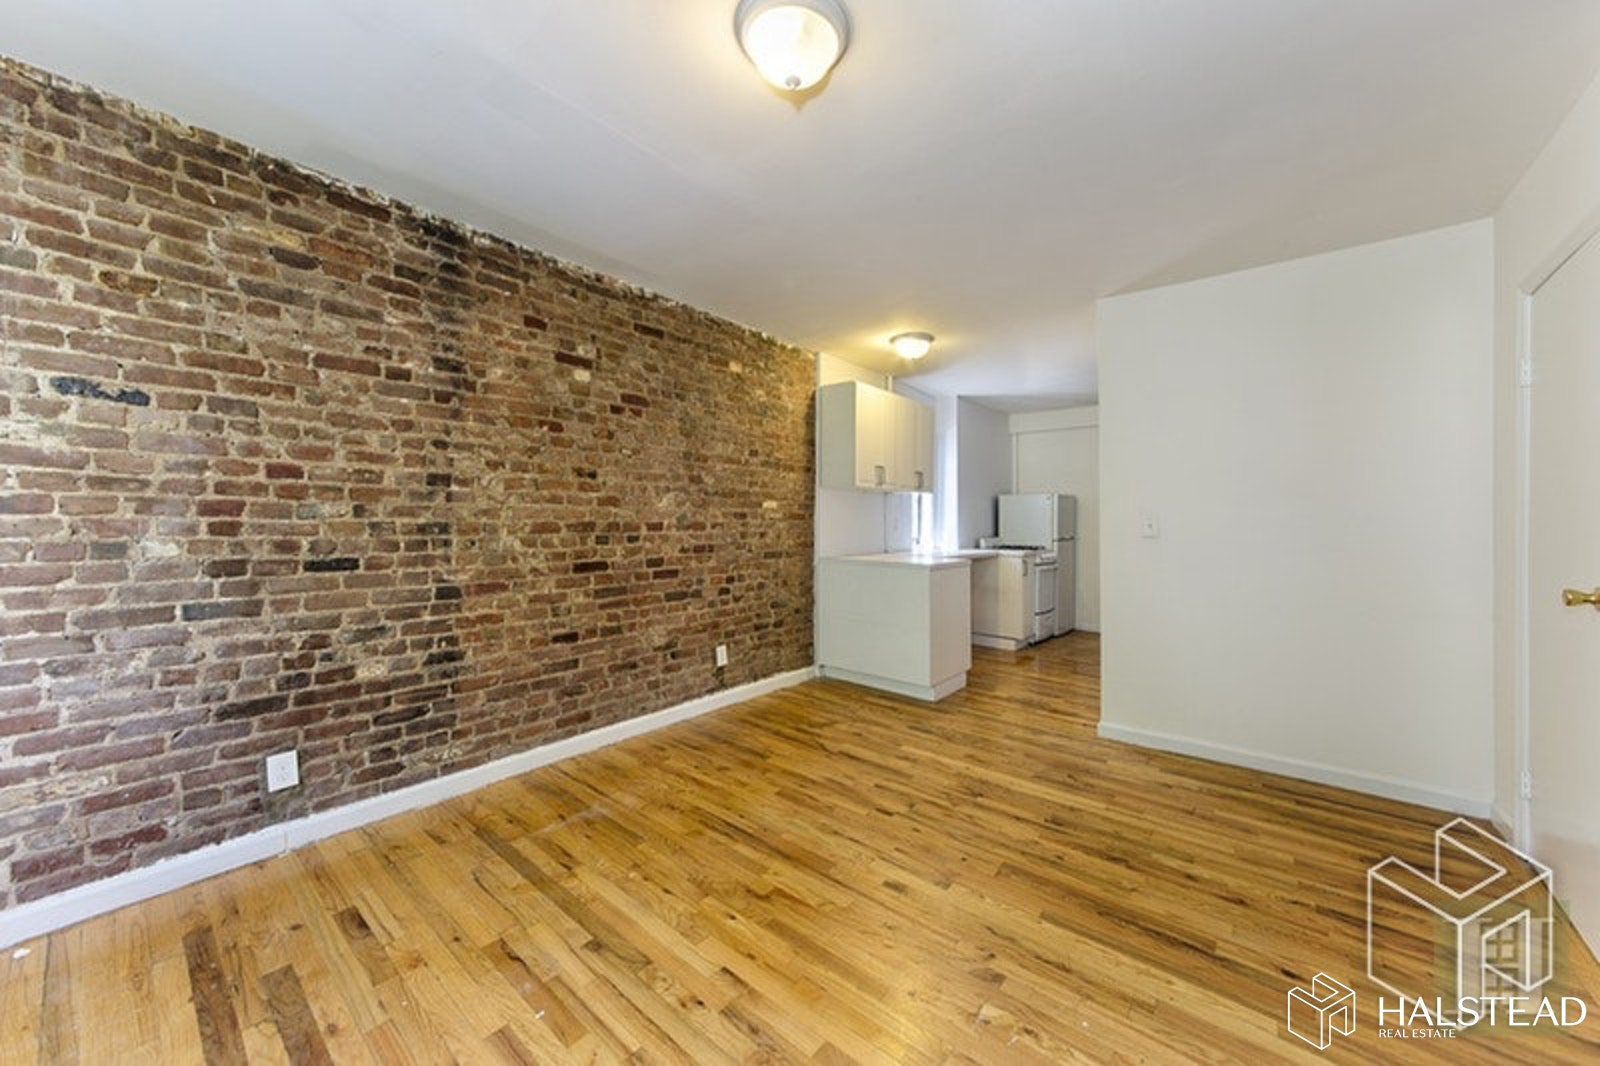 412 EAST 9TH STREET 4, East Village, $3,450, Web #: 19772470